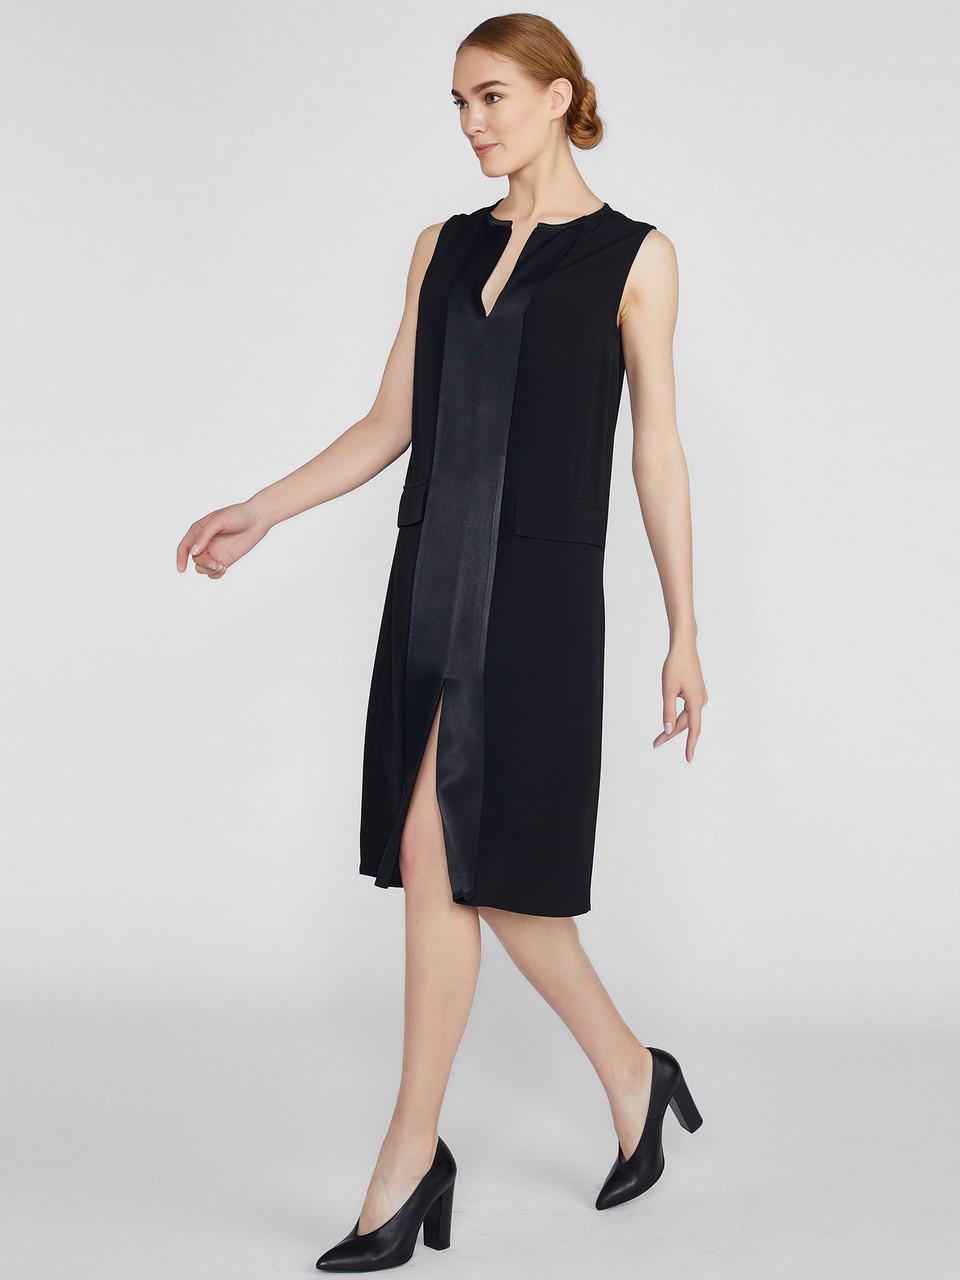 Sıfır Yaka Sıfır Kol Önde Cep Detaylı Elbise